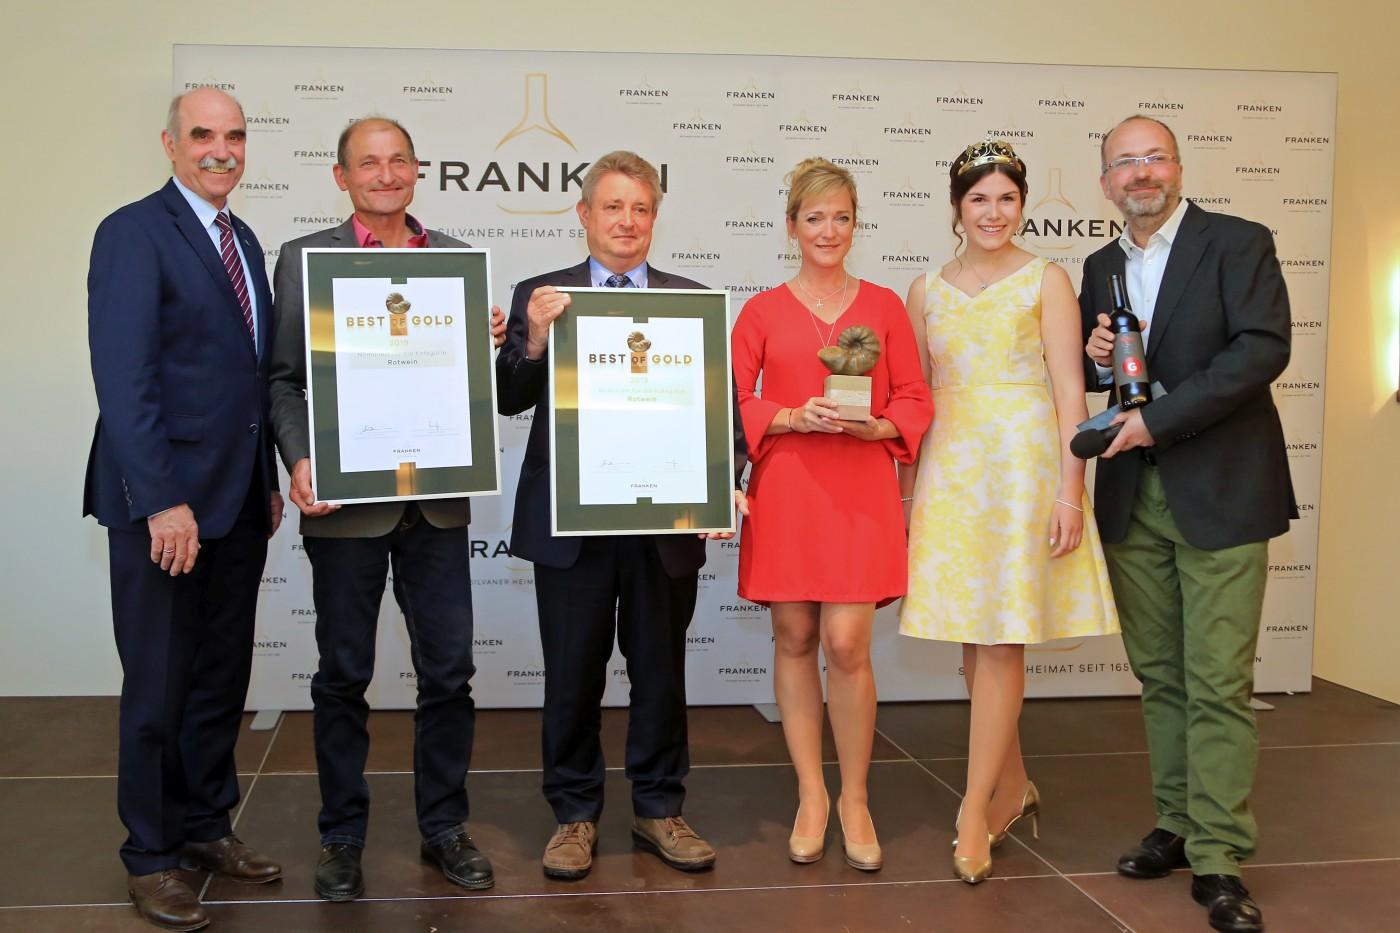 Artur Steinmann, Herbert Müller, Max Markert, Nicole Roth, Fränkische Weinkönigin Carolin Meyer und Pate Felix Bodmann (Berlin). Foto: Rudi Merkl